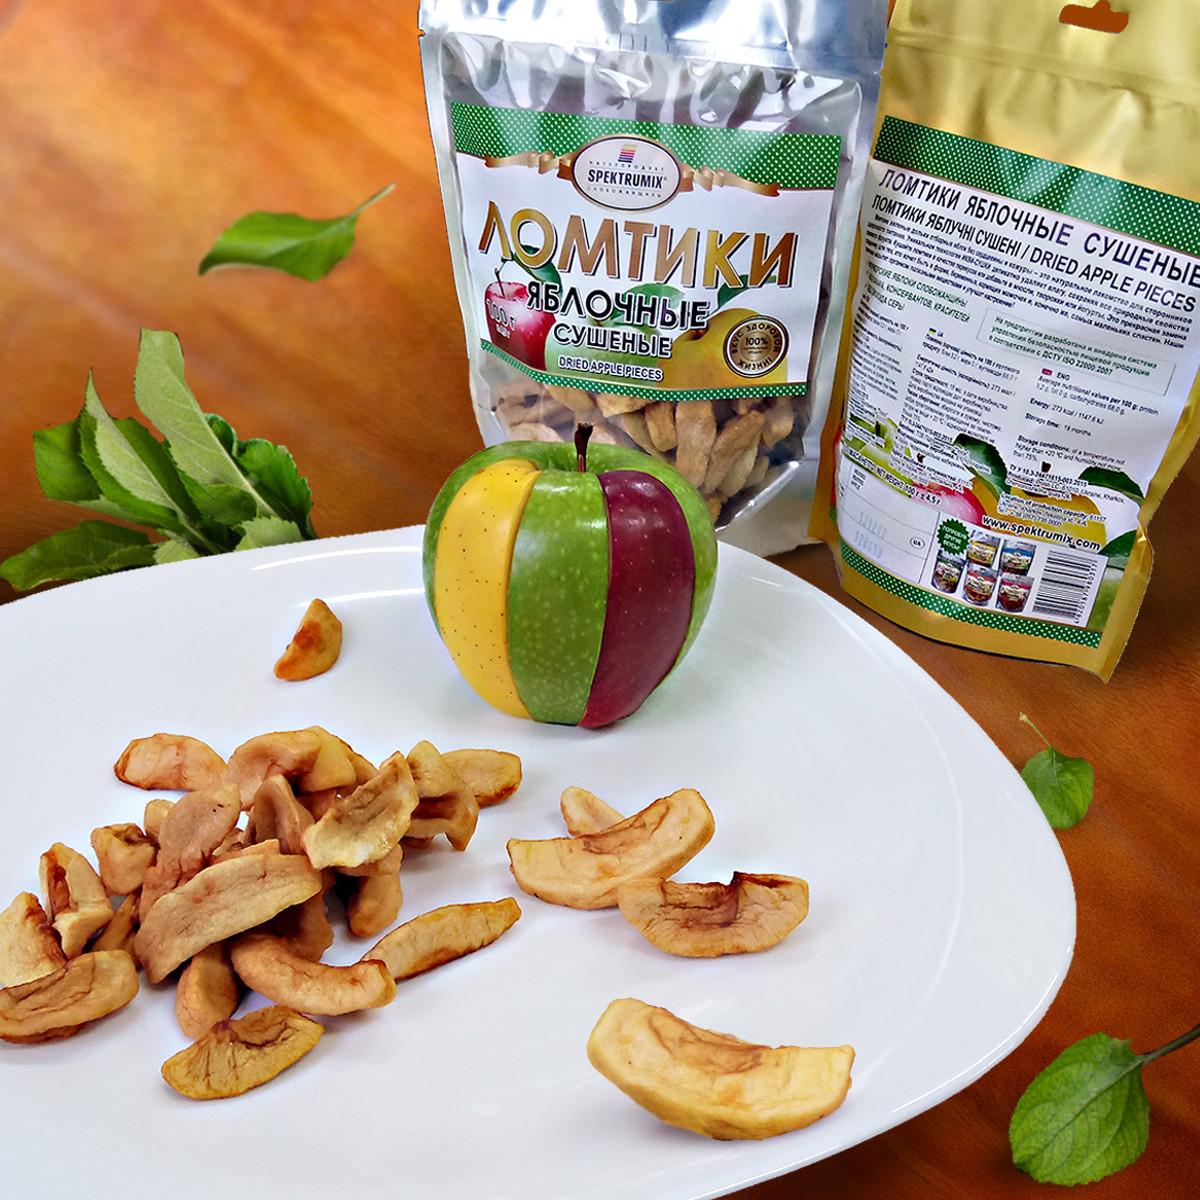 Жевательные конфеты «Ломтики яблочные сушеные», 100 г, фото 1